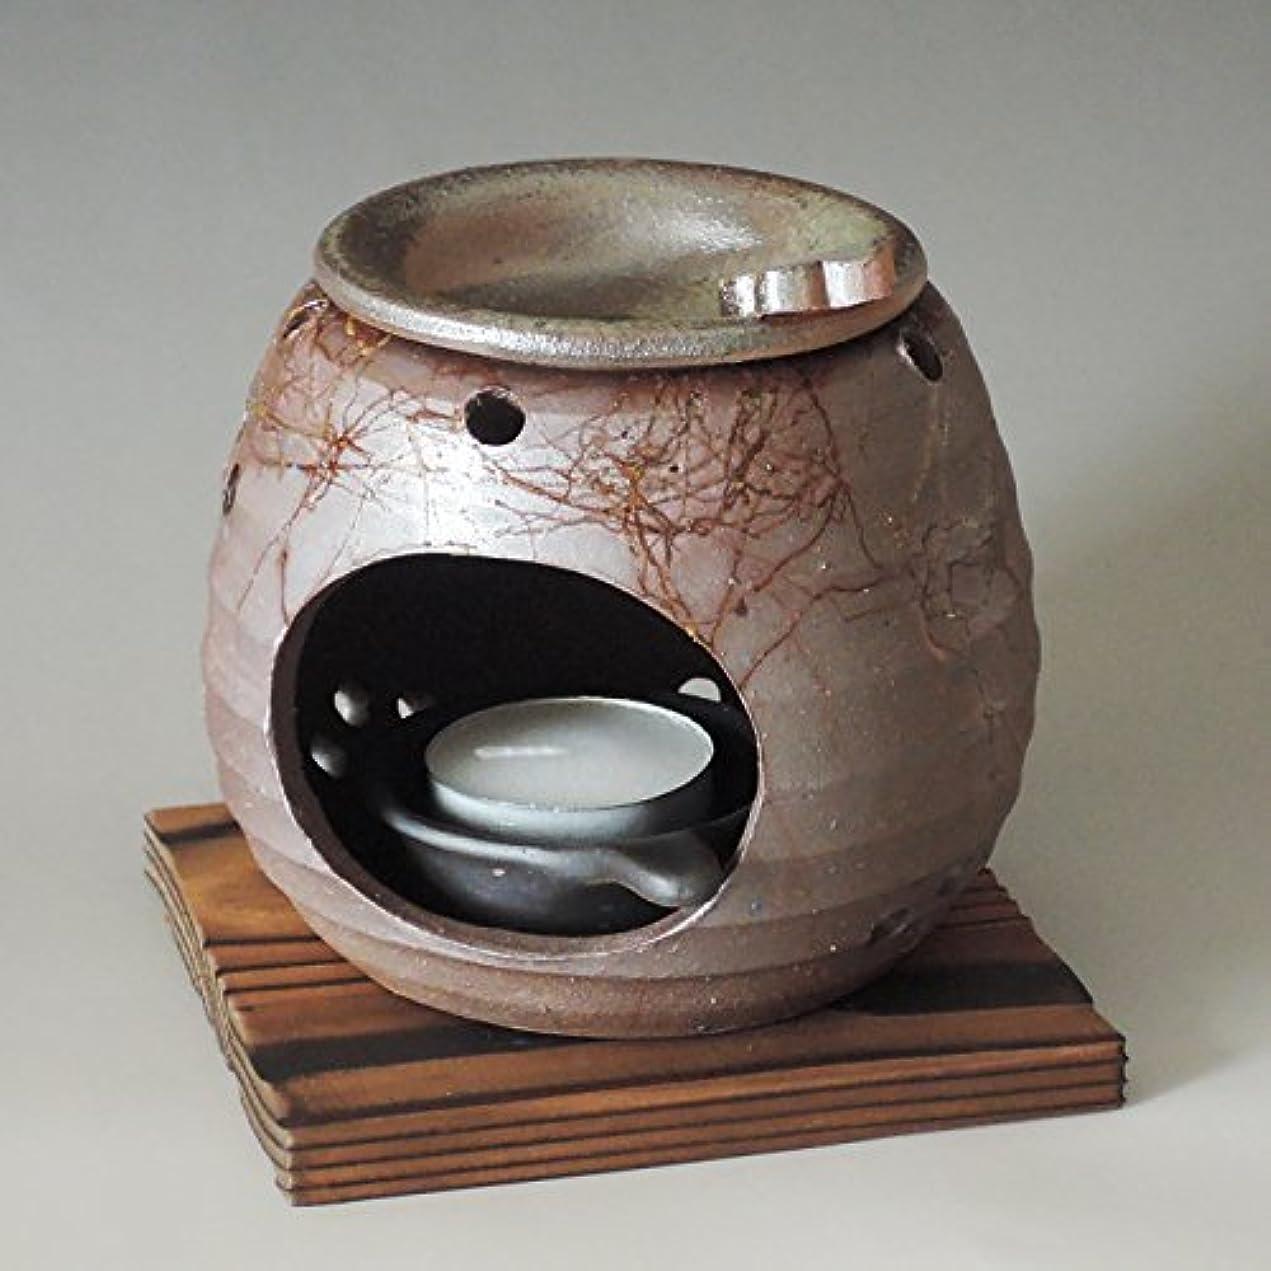 強調蒸気反論茶香炉 常滑焼 石龍作「藻掛け」川本屋茶舗